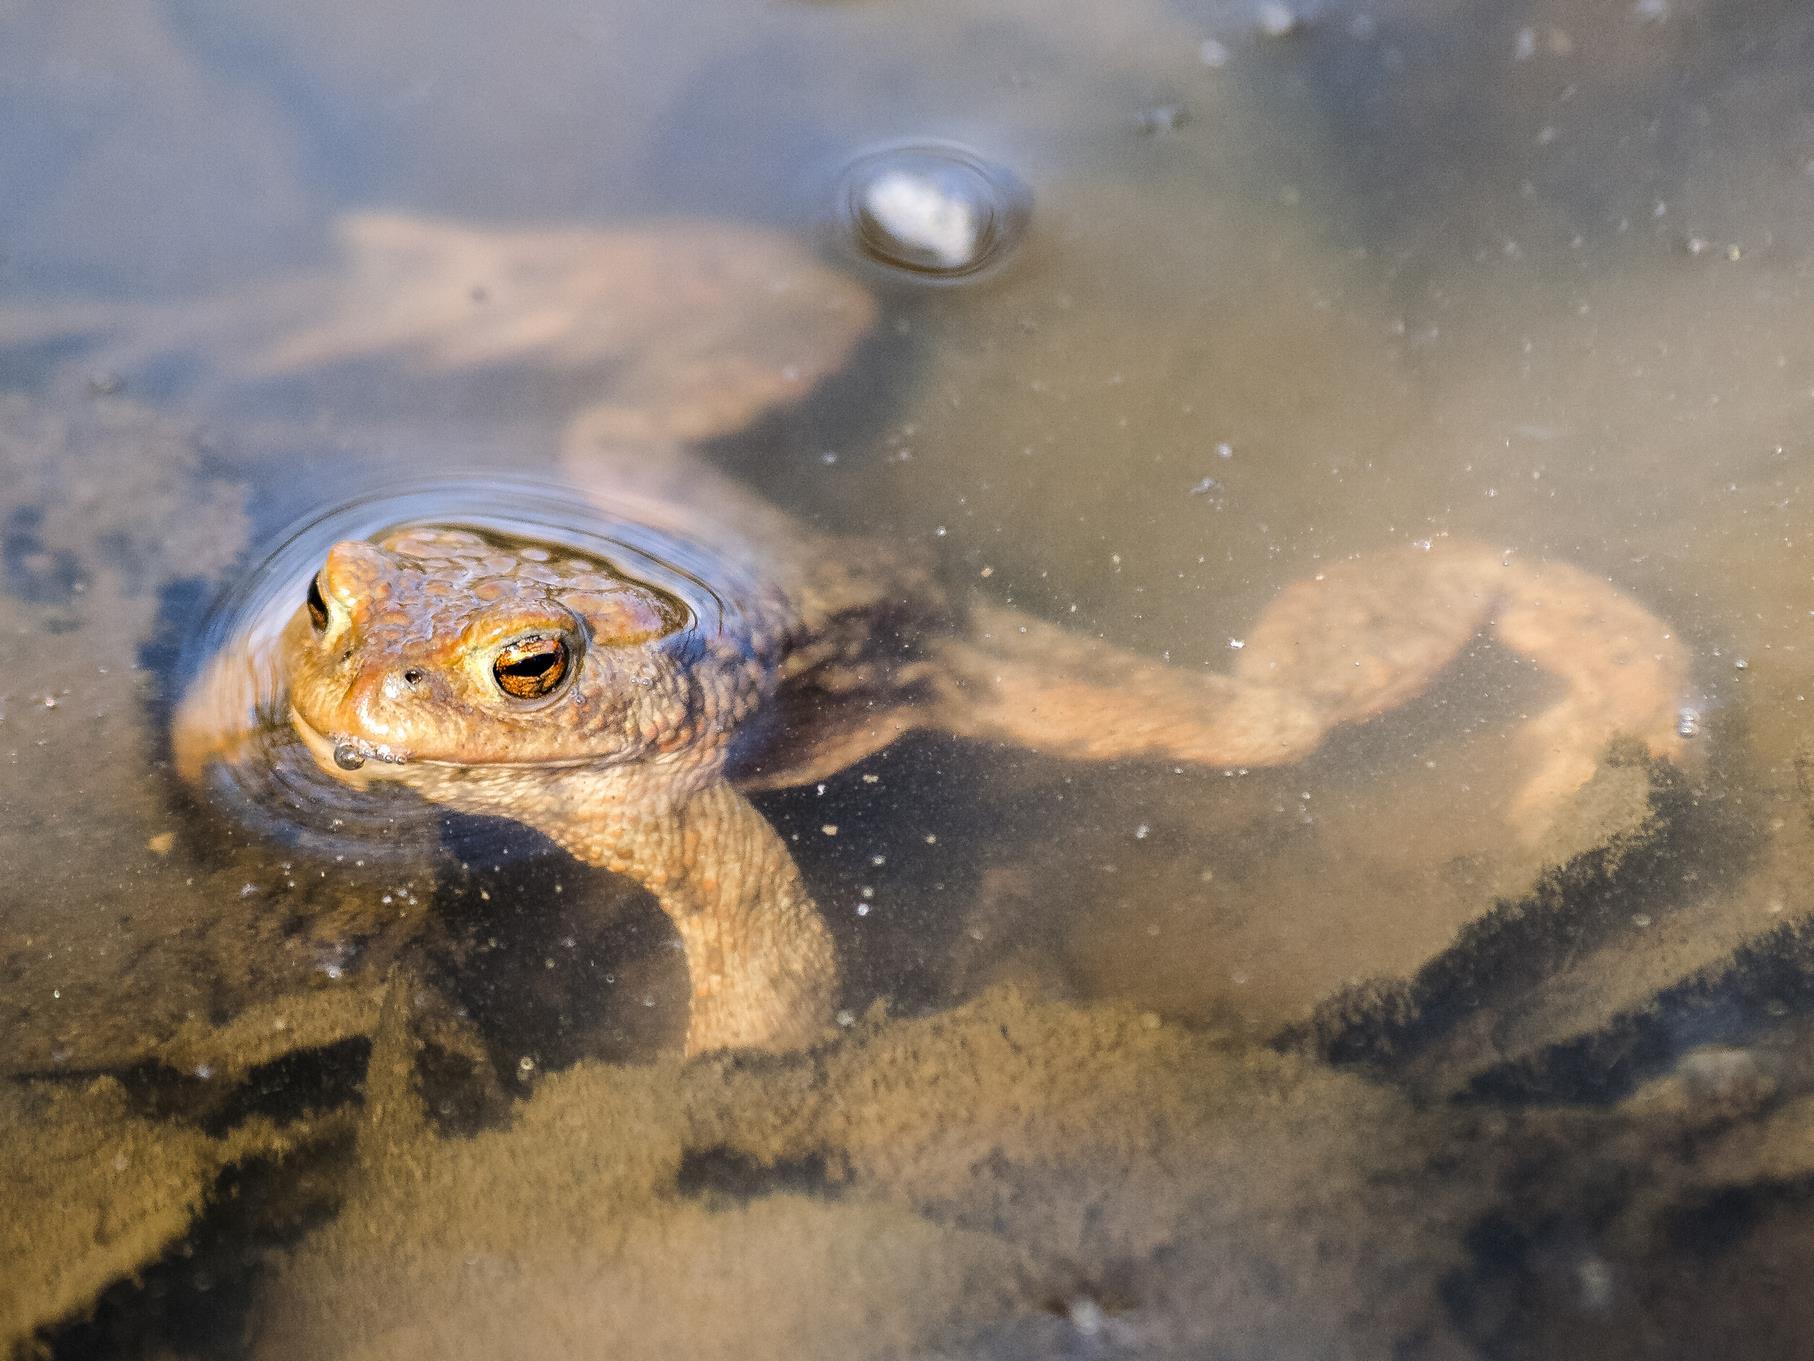 In den Flachwasserzonen tummeln sich viele Amphibien, wie z.B. Erdkröten.